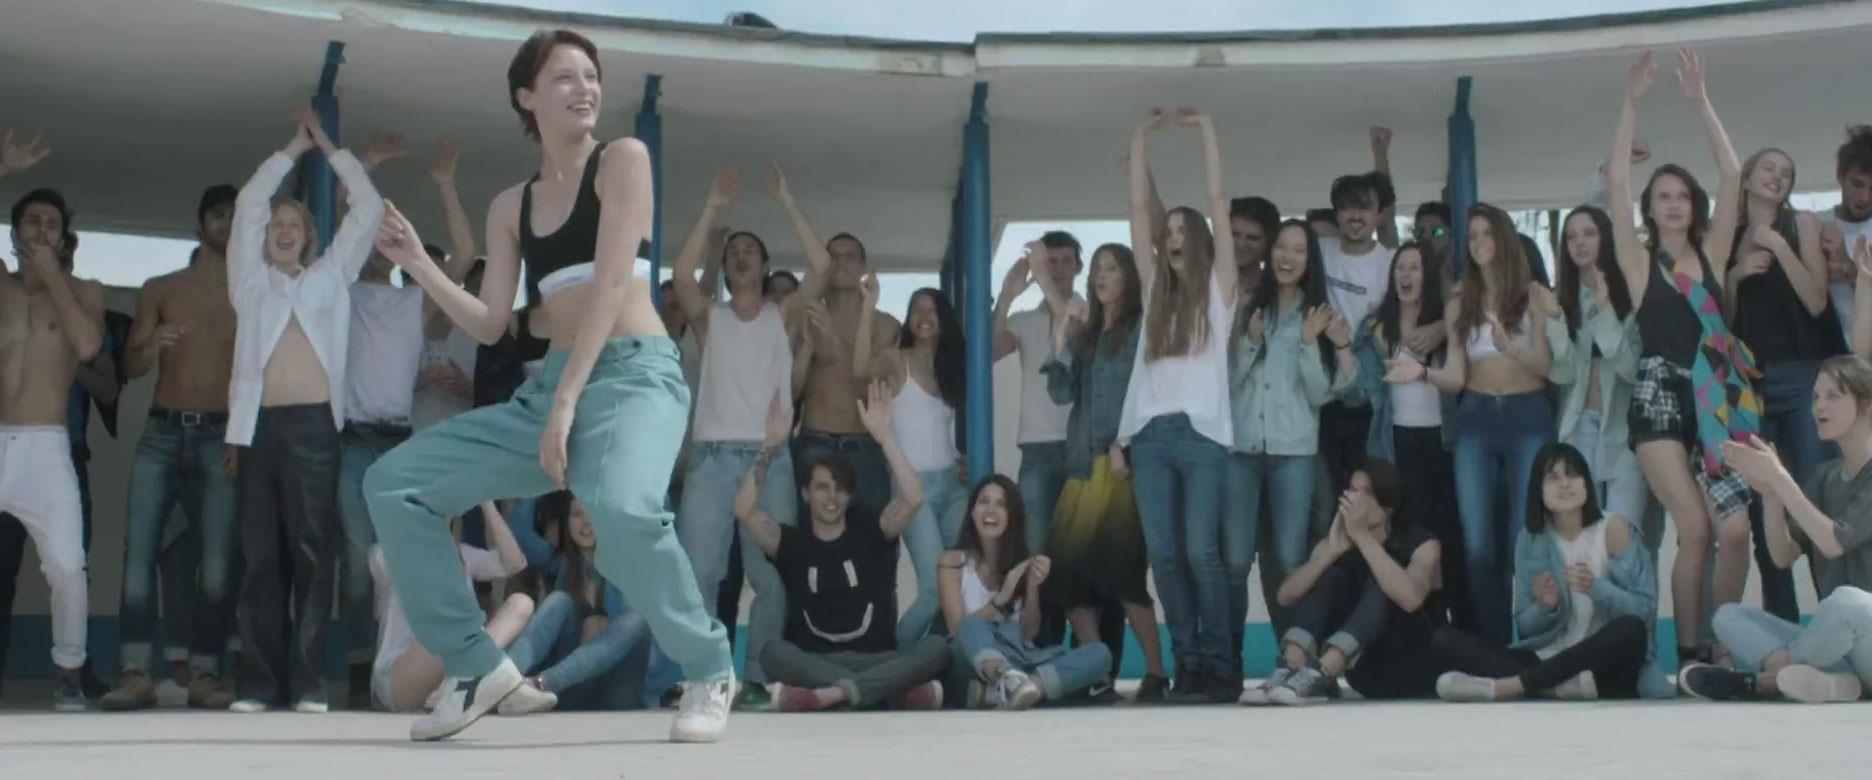 Un momento della festa al centro del video di Io Ti Aspetto di Marco Mengoni